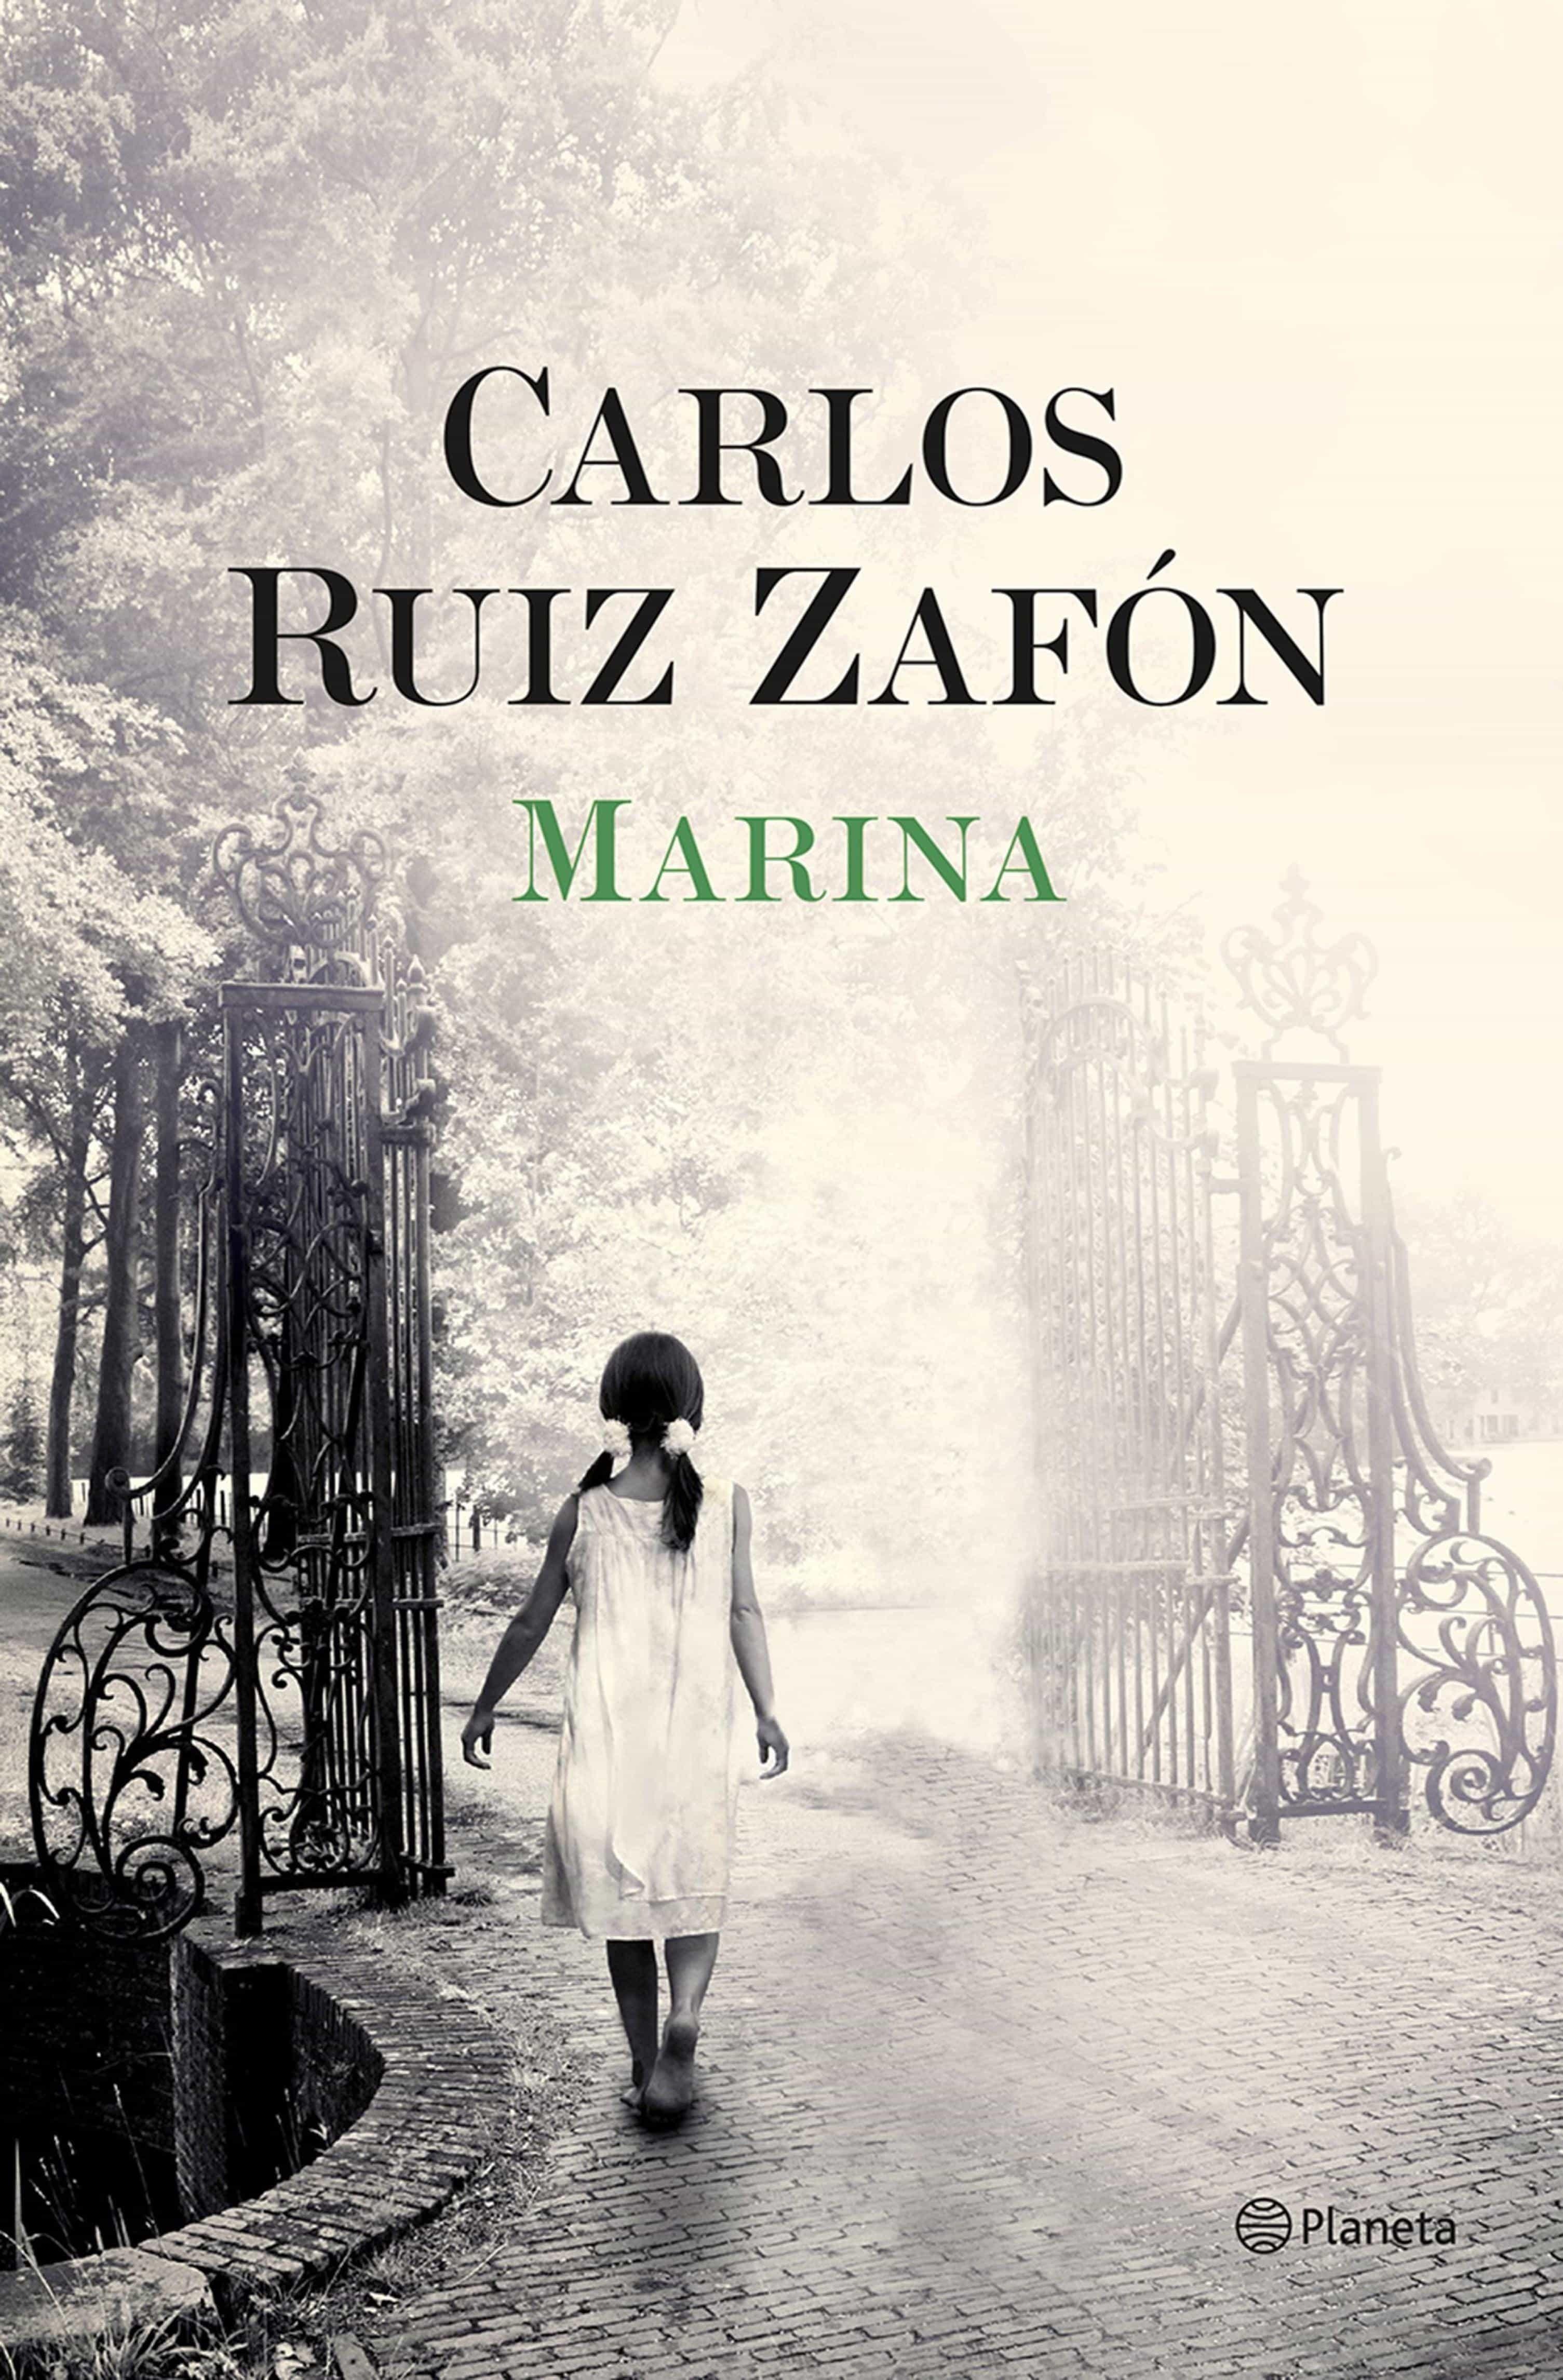 MARINA EBOOK | CARLOS RUIZ ZAFON | Descargar libro PDF o EPUB ...